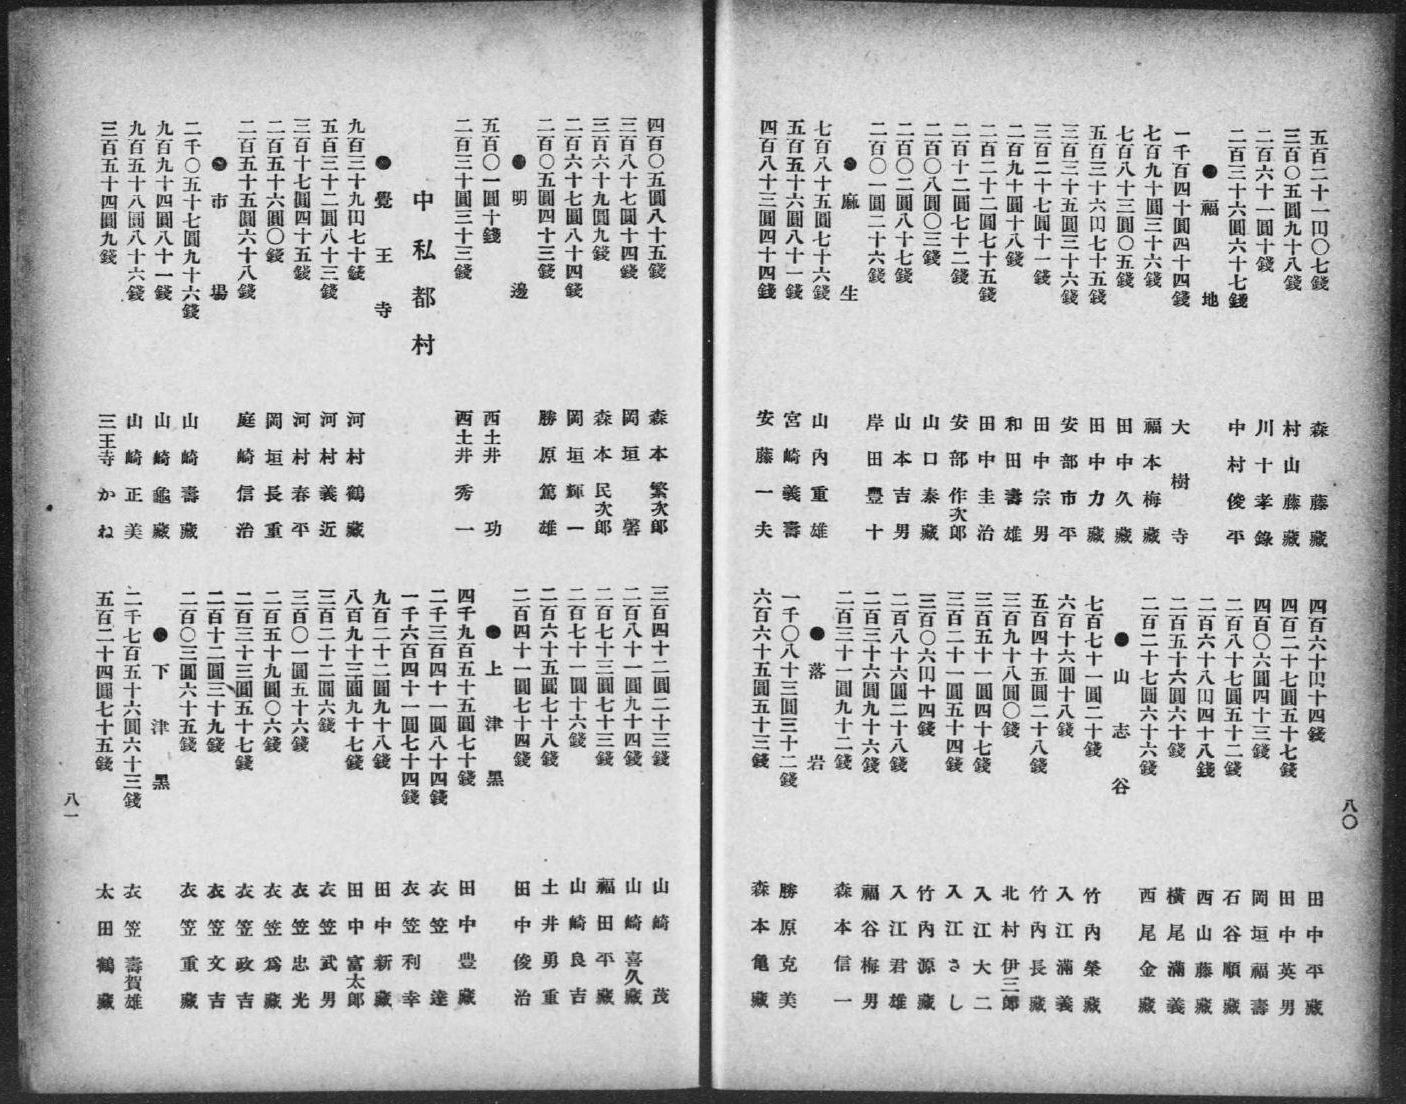 昭和10年版『因幡資産人名録』【13】 | だるま親雲上日日記